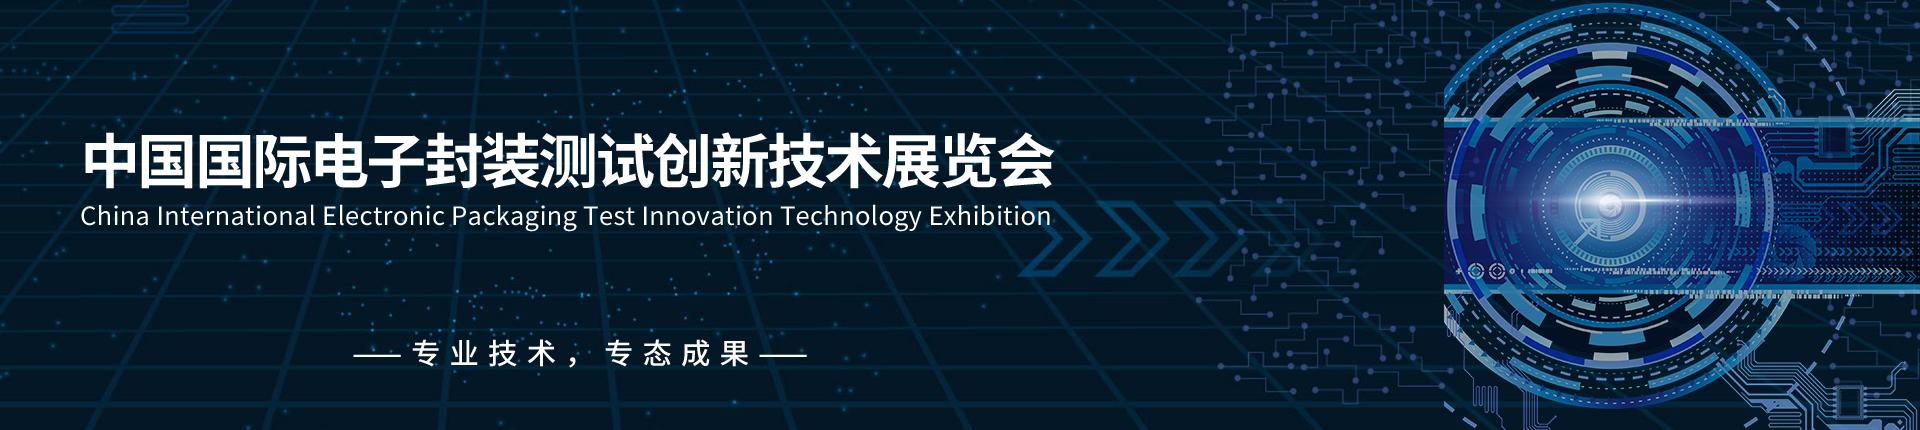 云展·中国国际电子封装测试创新技术展览会